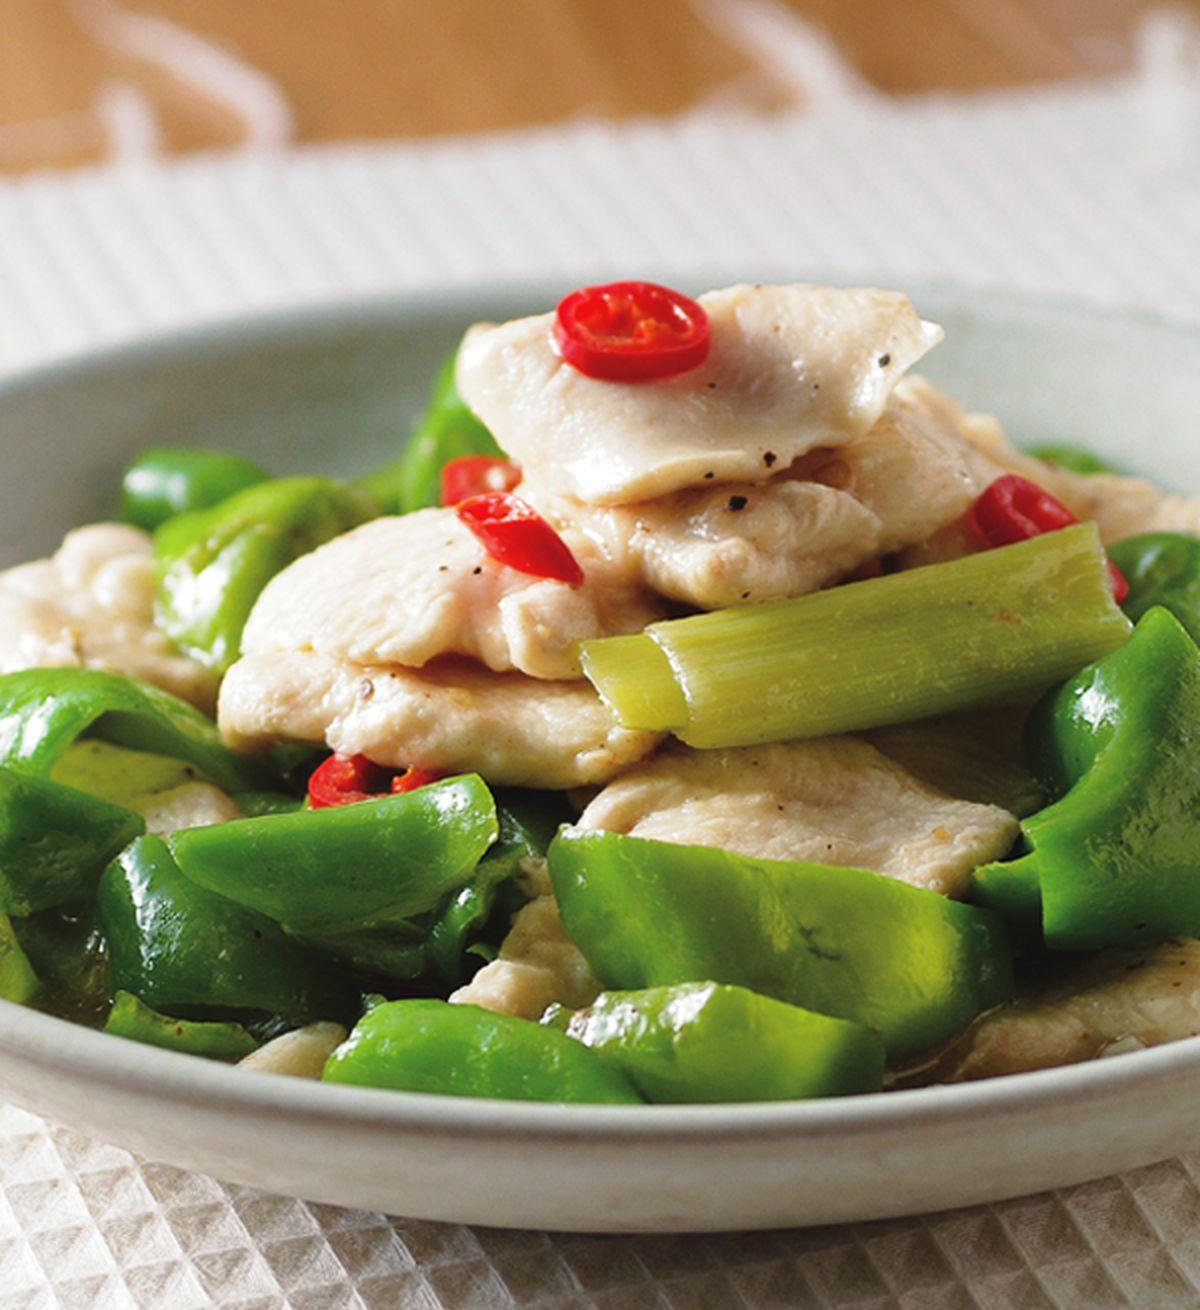 食譜:青椒炒嫩雞